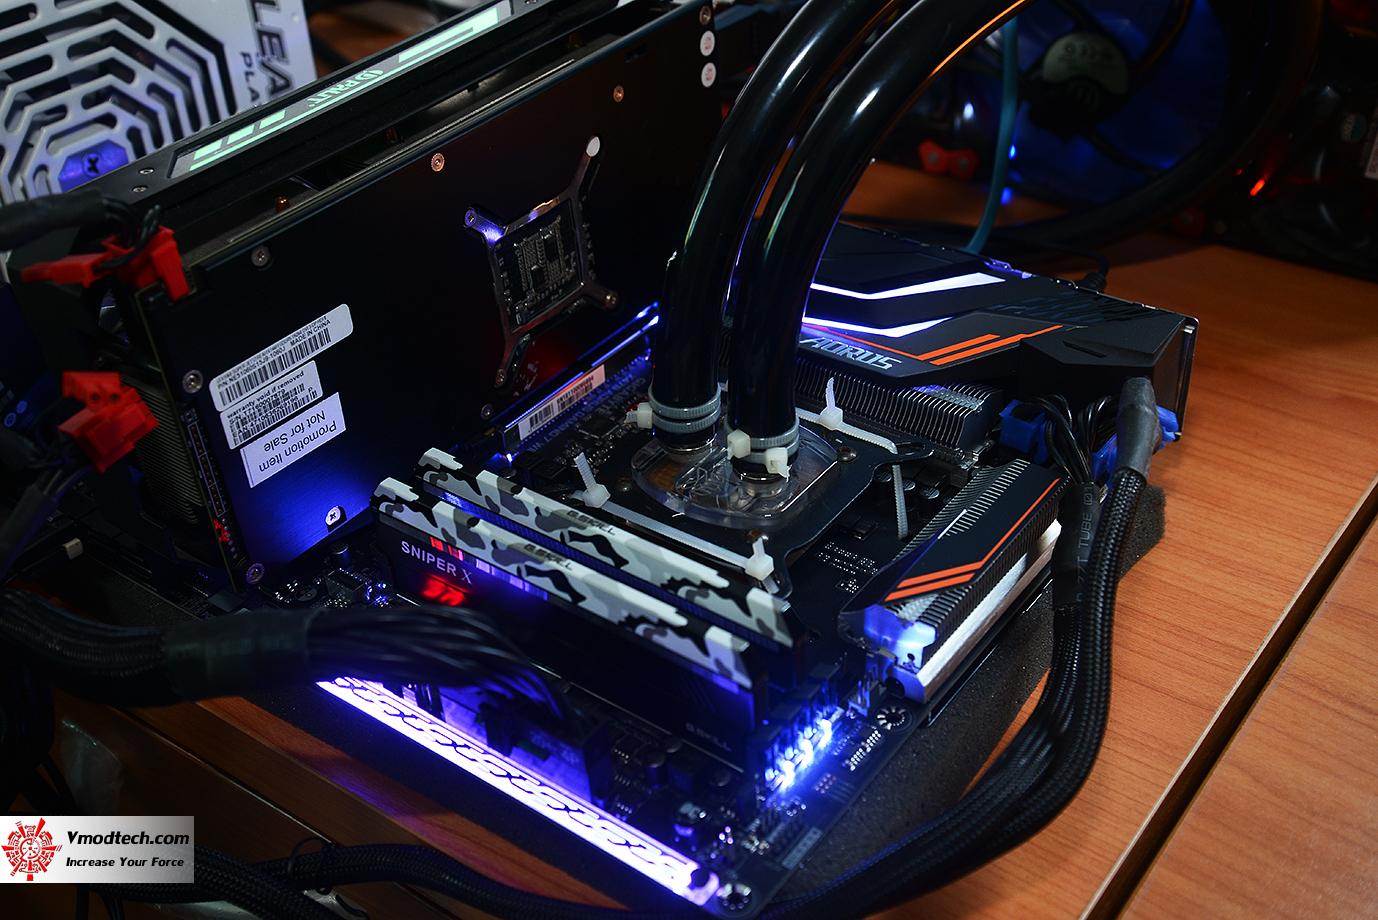 dsc 1568 AMD RYZEN 7 2700X PROCESSOR REVIEW